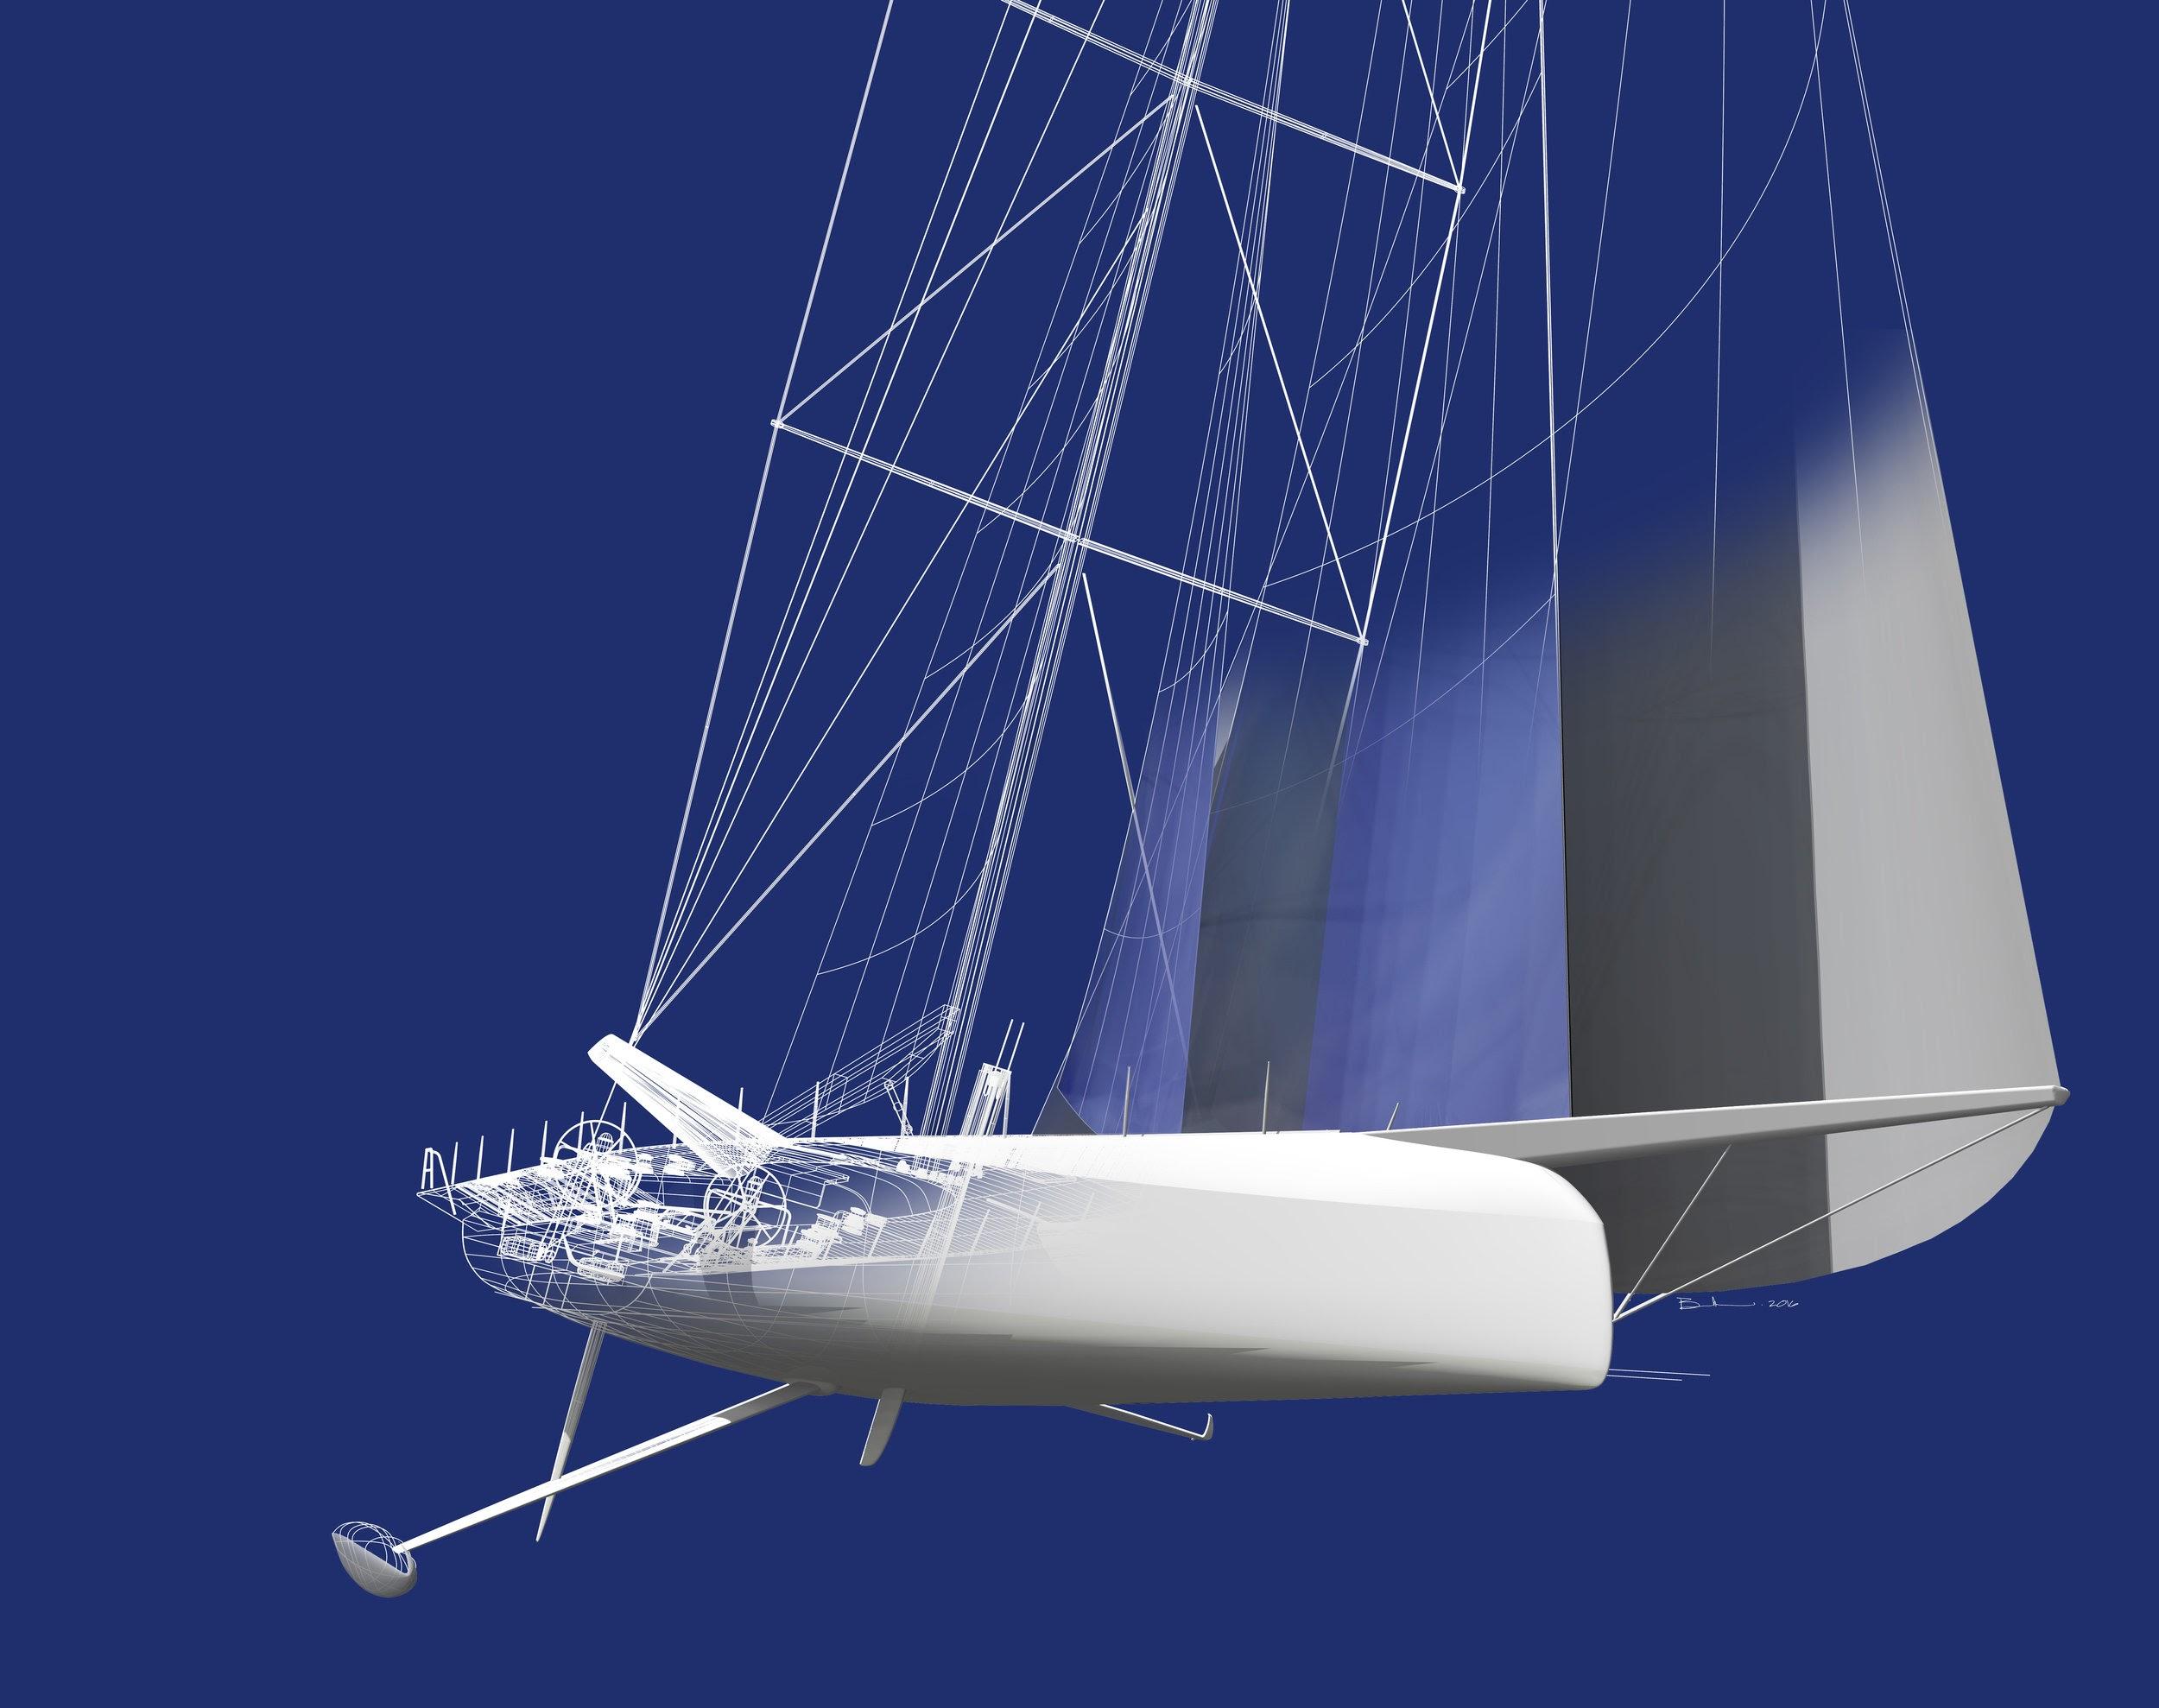 donan raven's sailing trivia cqs (2016) ship cutaway yacht cutaway diagram